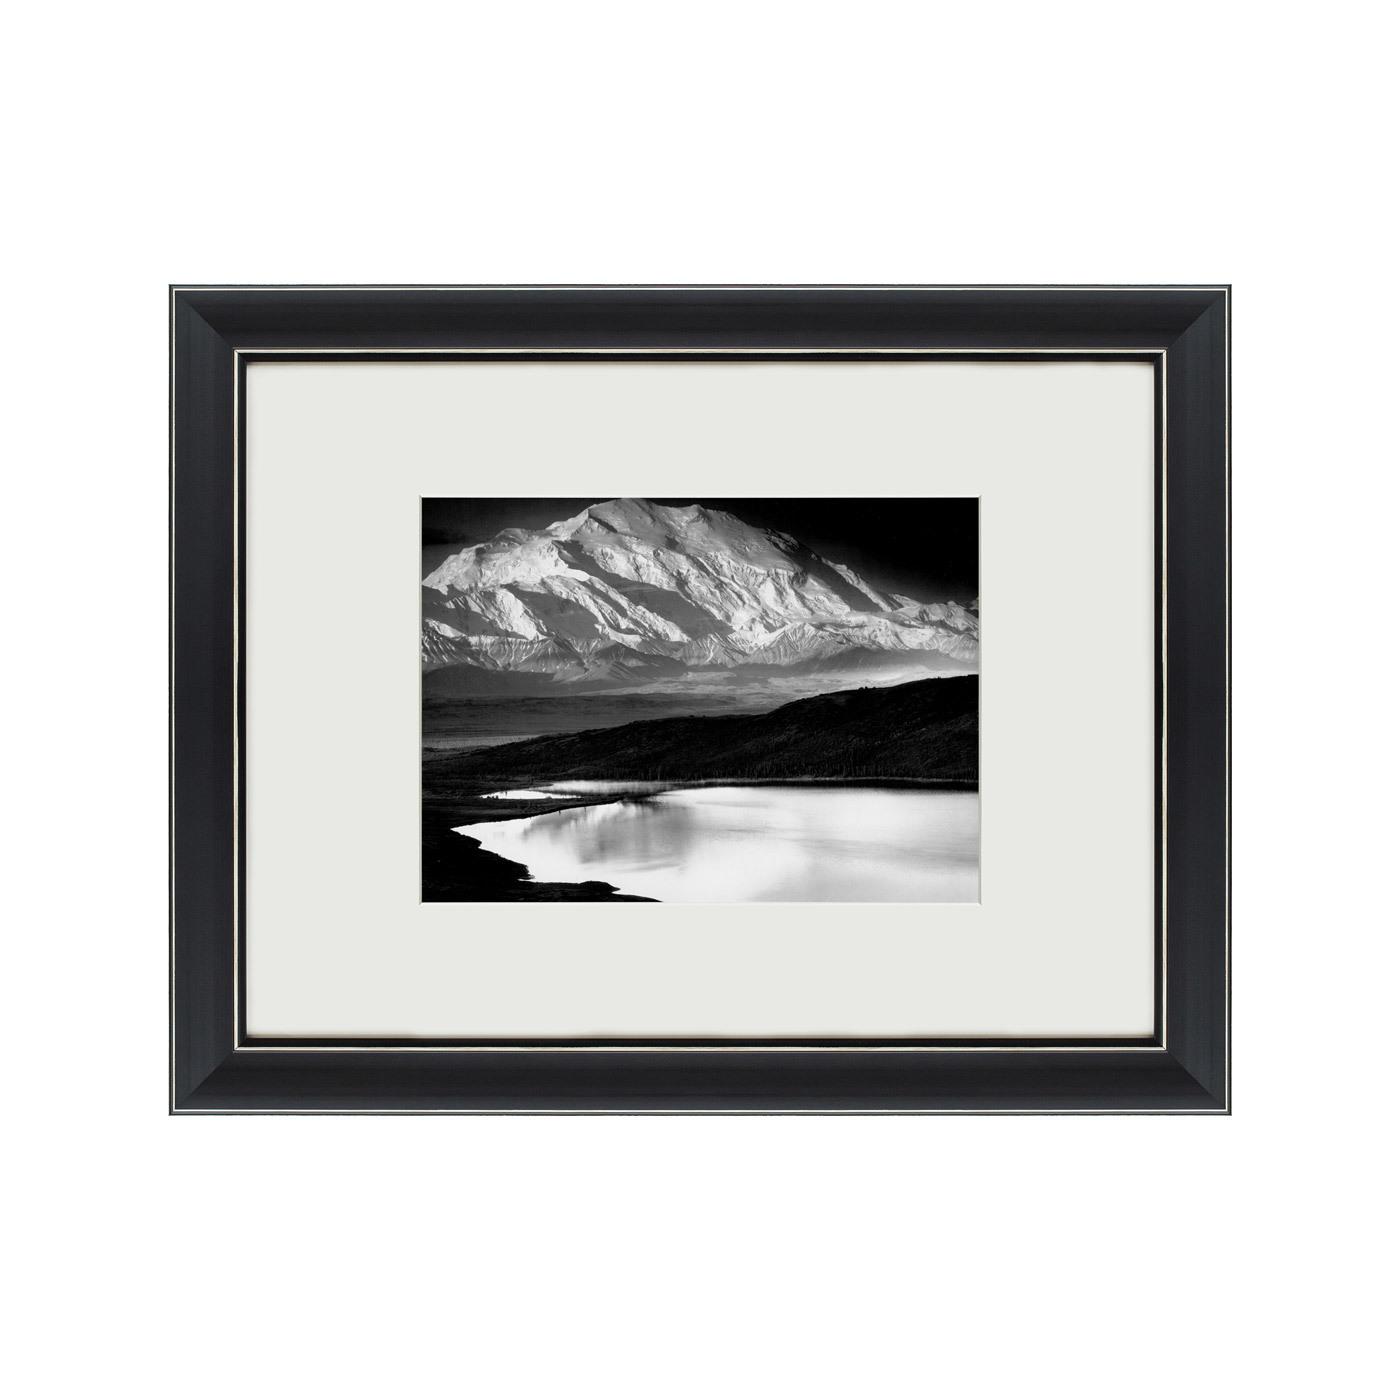 {} Картины в Квартиру Картина Озеро На Аляске (47х60 см) картины в квартиру картина озеро этюд на закате 35х77 см